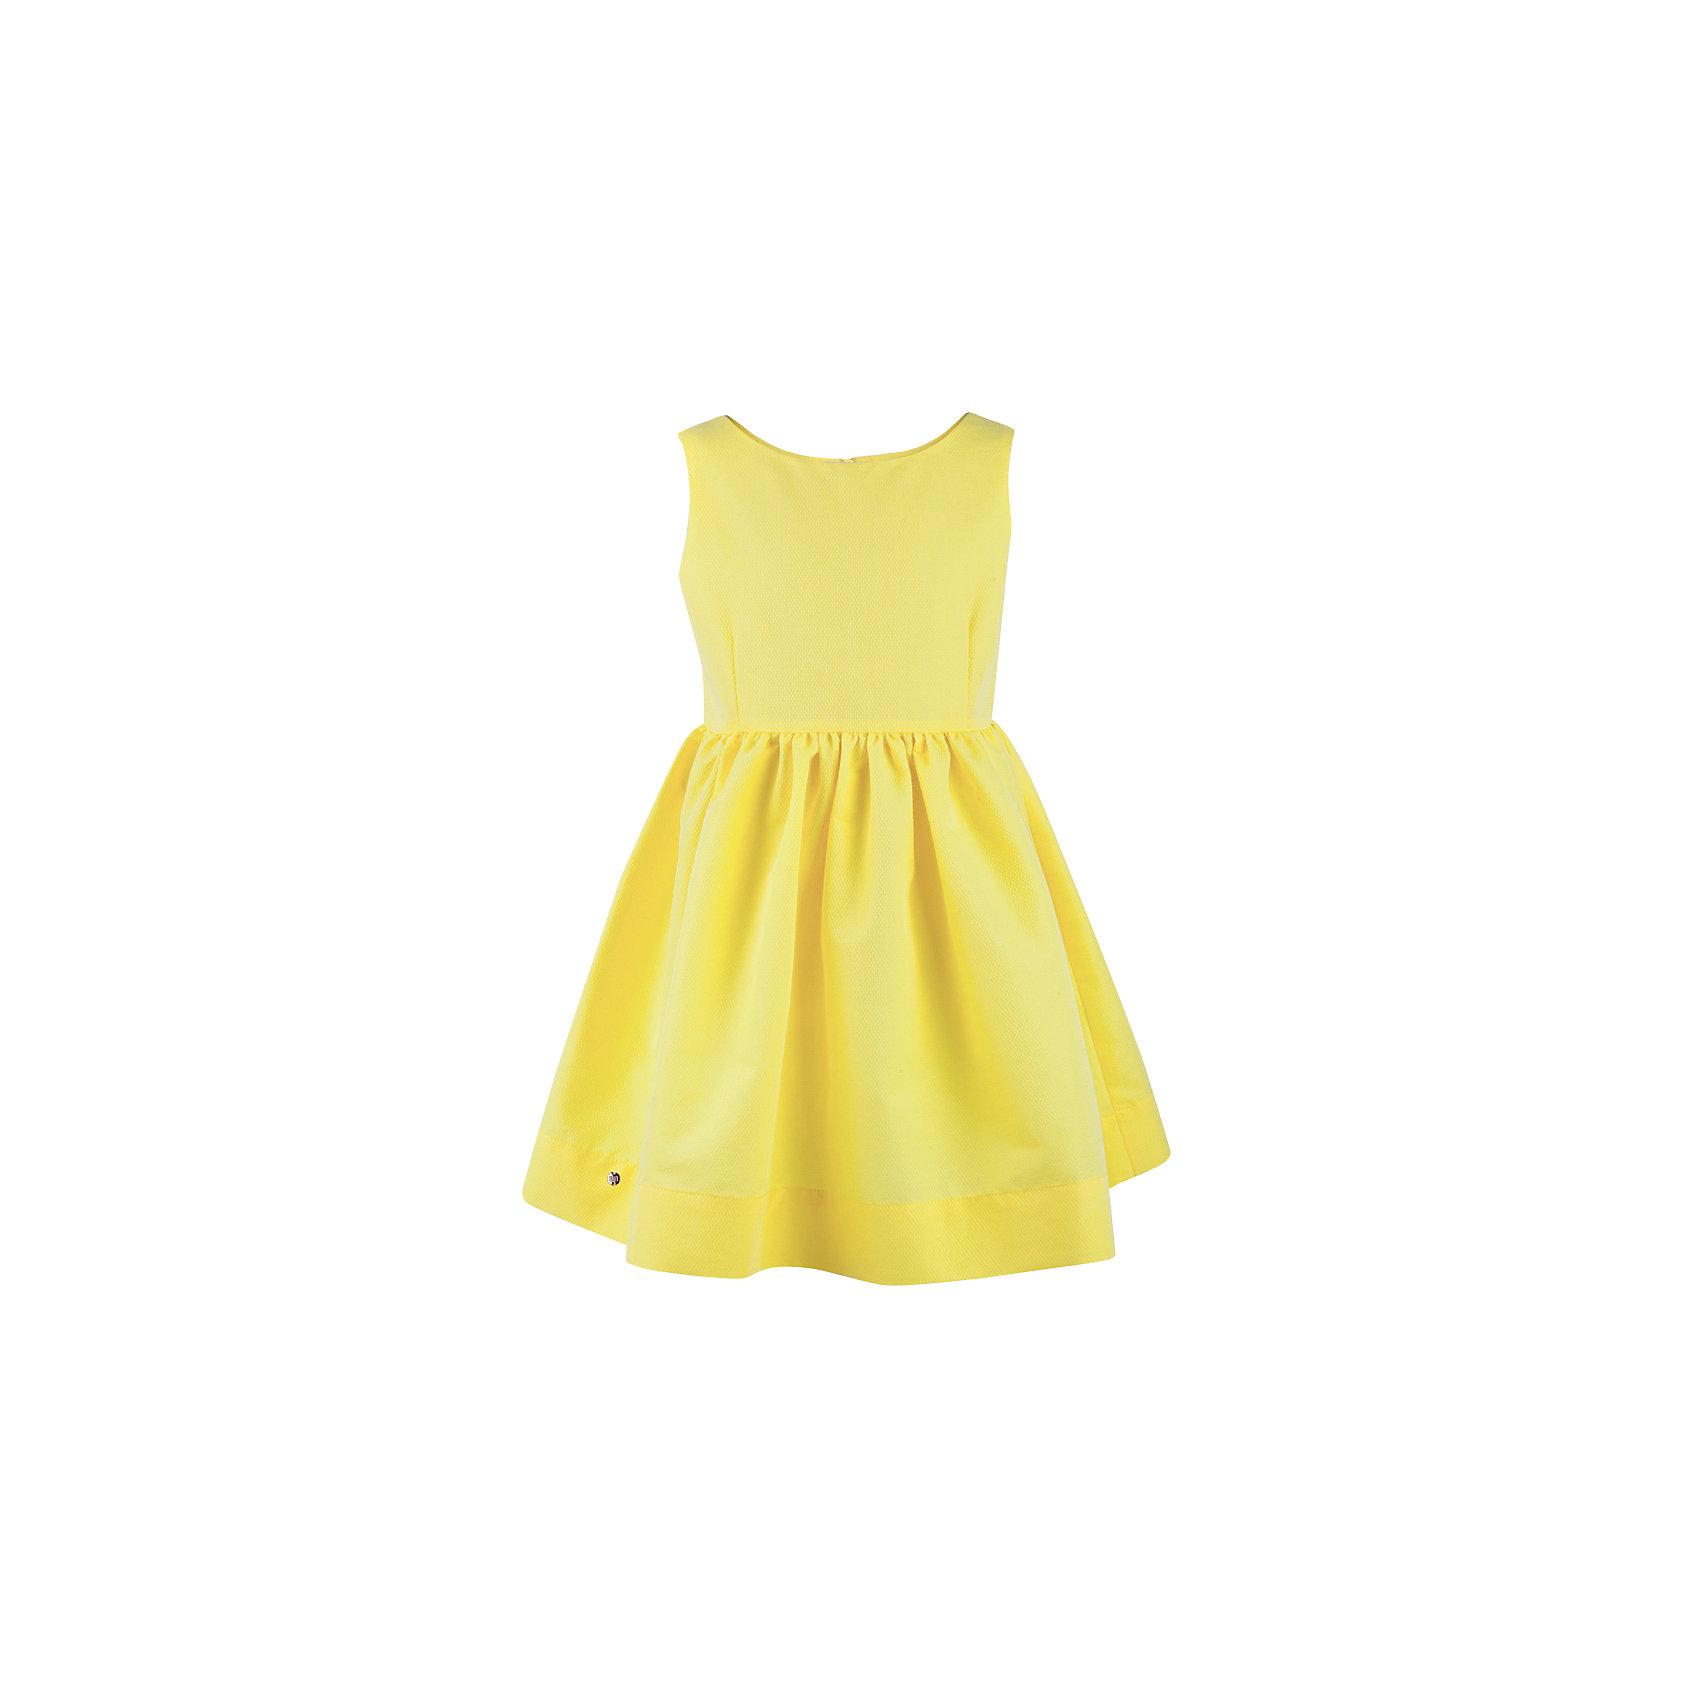 Платье для девочки  BUTTON BLUEПлатья и сарафаны<br>Платье для девочки  BUTTON BLUE<br>Прекрасный летний вариант - яркое текстильное платье на тонкой хлопковой подкладке. Модный силуэт, комфортная форма делают платье для девочки отличным решением для каждого дня лета. Если вы хотите приобрести одновременно и красивую, и практичную, и удобную вещь, вам стоит купить детское платье от Button Blue. Низкая цена не окажет влияния на бюджет семьи, позволив создать интересный базовый гардероб для долгожданных каникул!<br>Состав:<br>Ткань  верха: 55%хлопок 45%polyester подклад: 100% хлопок<br><br>Ширина мм: 236<br>Глубина мм: 16<br>Высота мм: 184<br>Вес г: 177<br>Цвет: желтый<br>Возраст от месяцев: 132<br>Возраст до месяцев: 144<br>Пол: Женский<br>Возраст: Детский<br>Размер: 146,140,134,128,116,110,104,98,122,152,158<br>SKU: 5523331